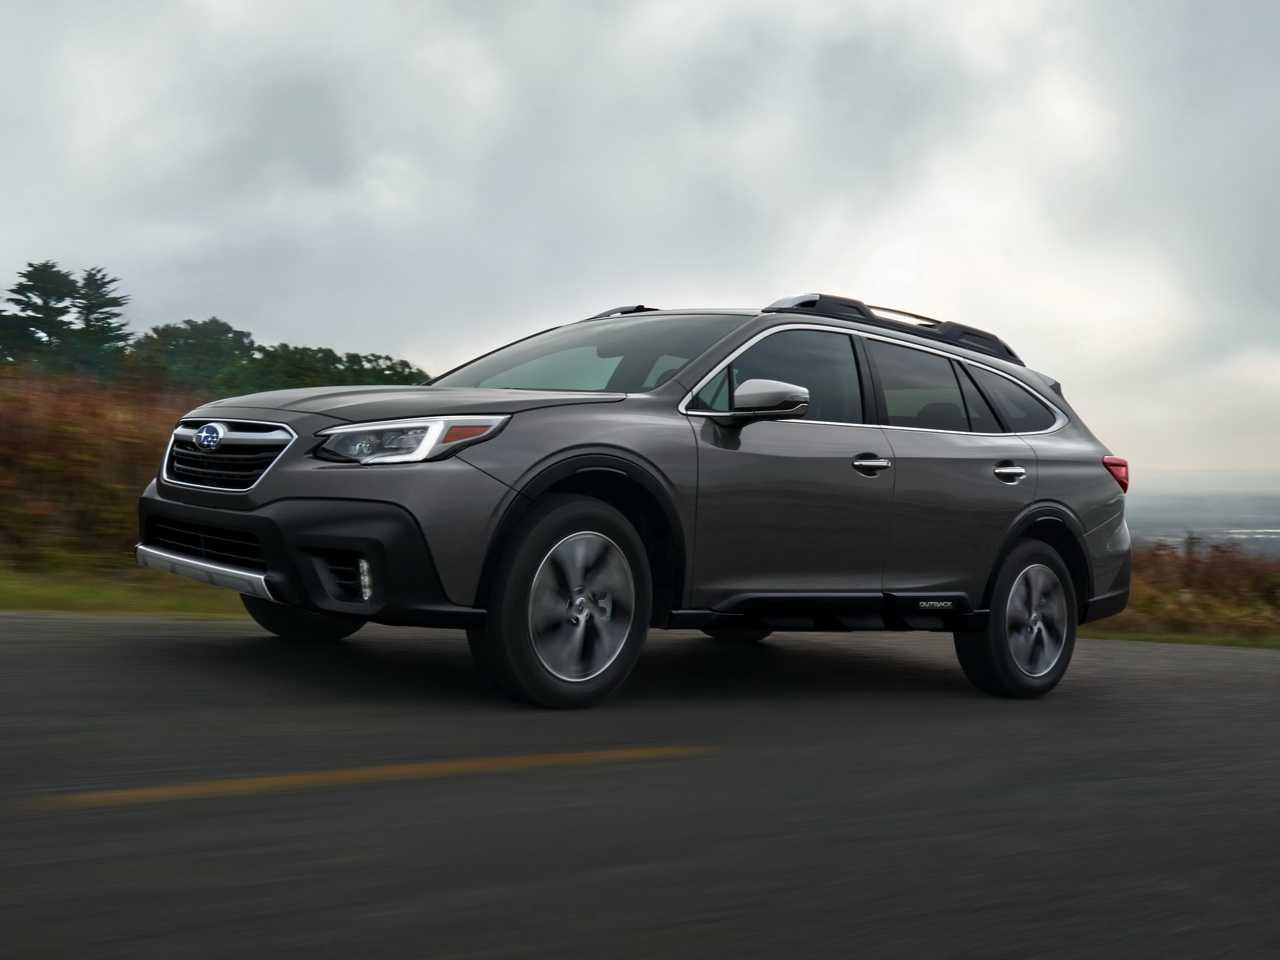 Subaru outback 2020— новое поколение вседорожного кроссовера